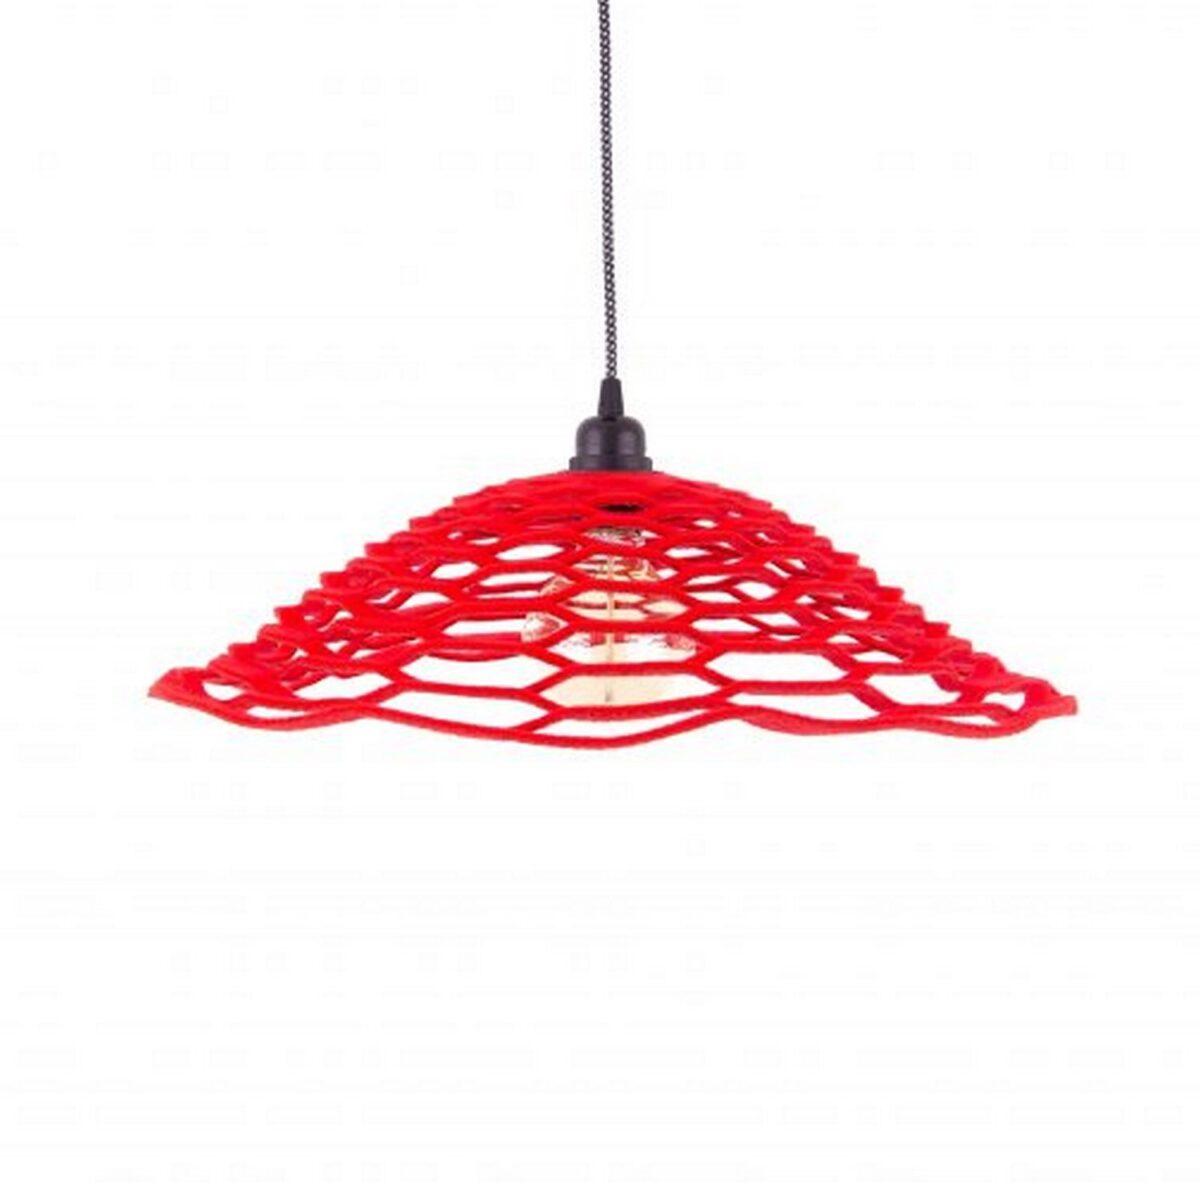 lampa filcowa w industrialnym stylu